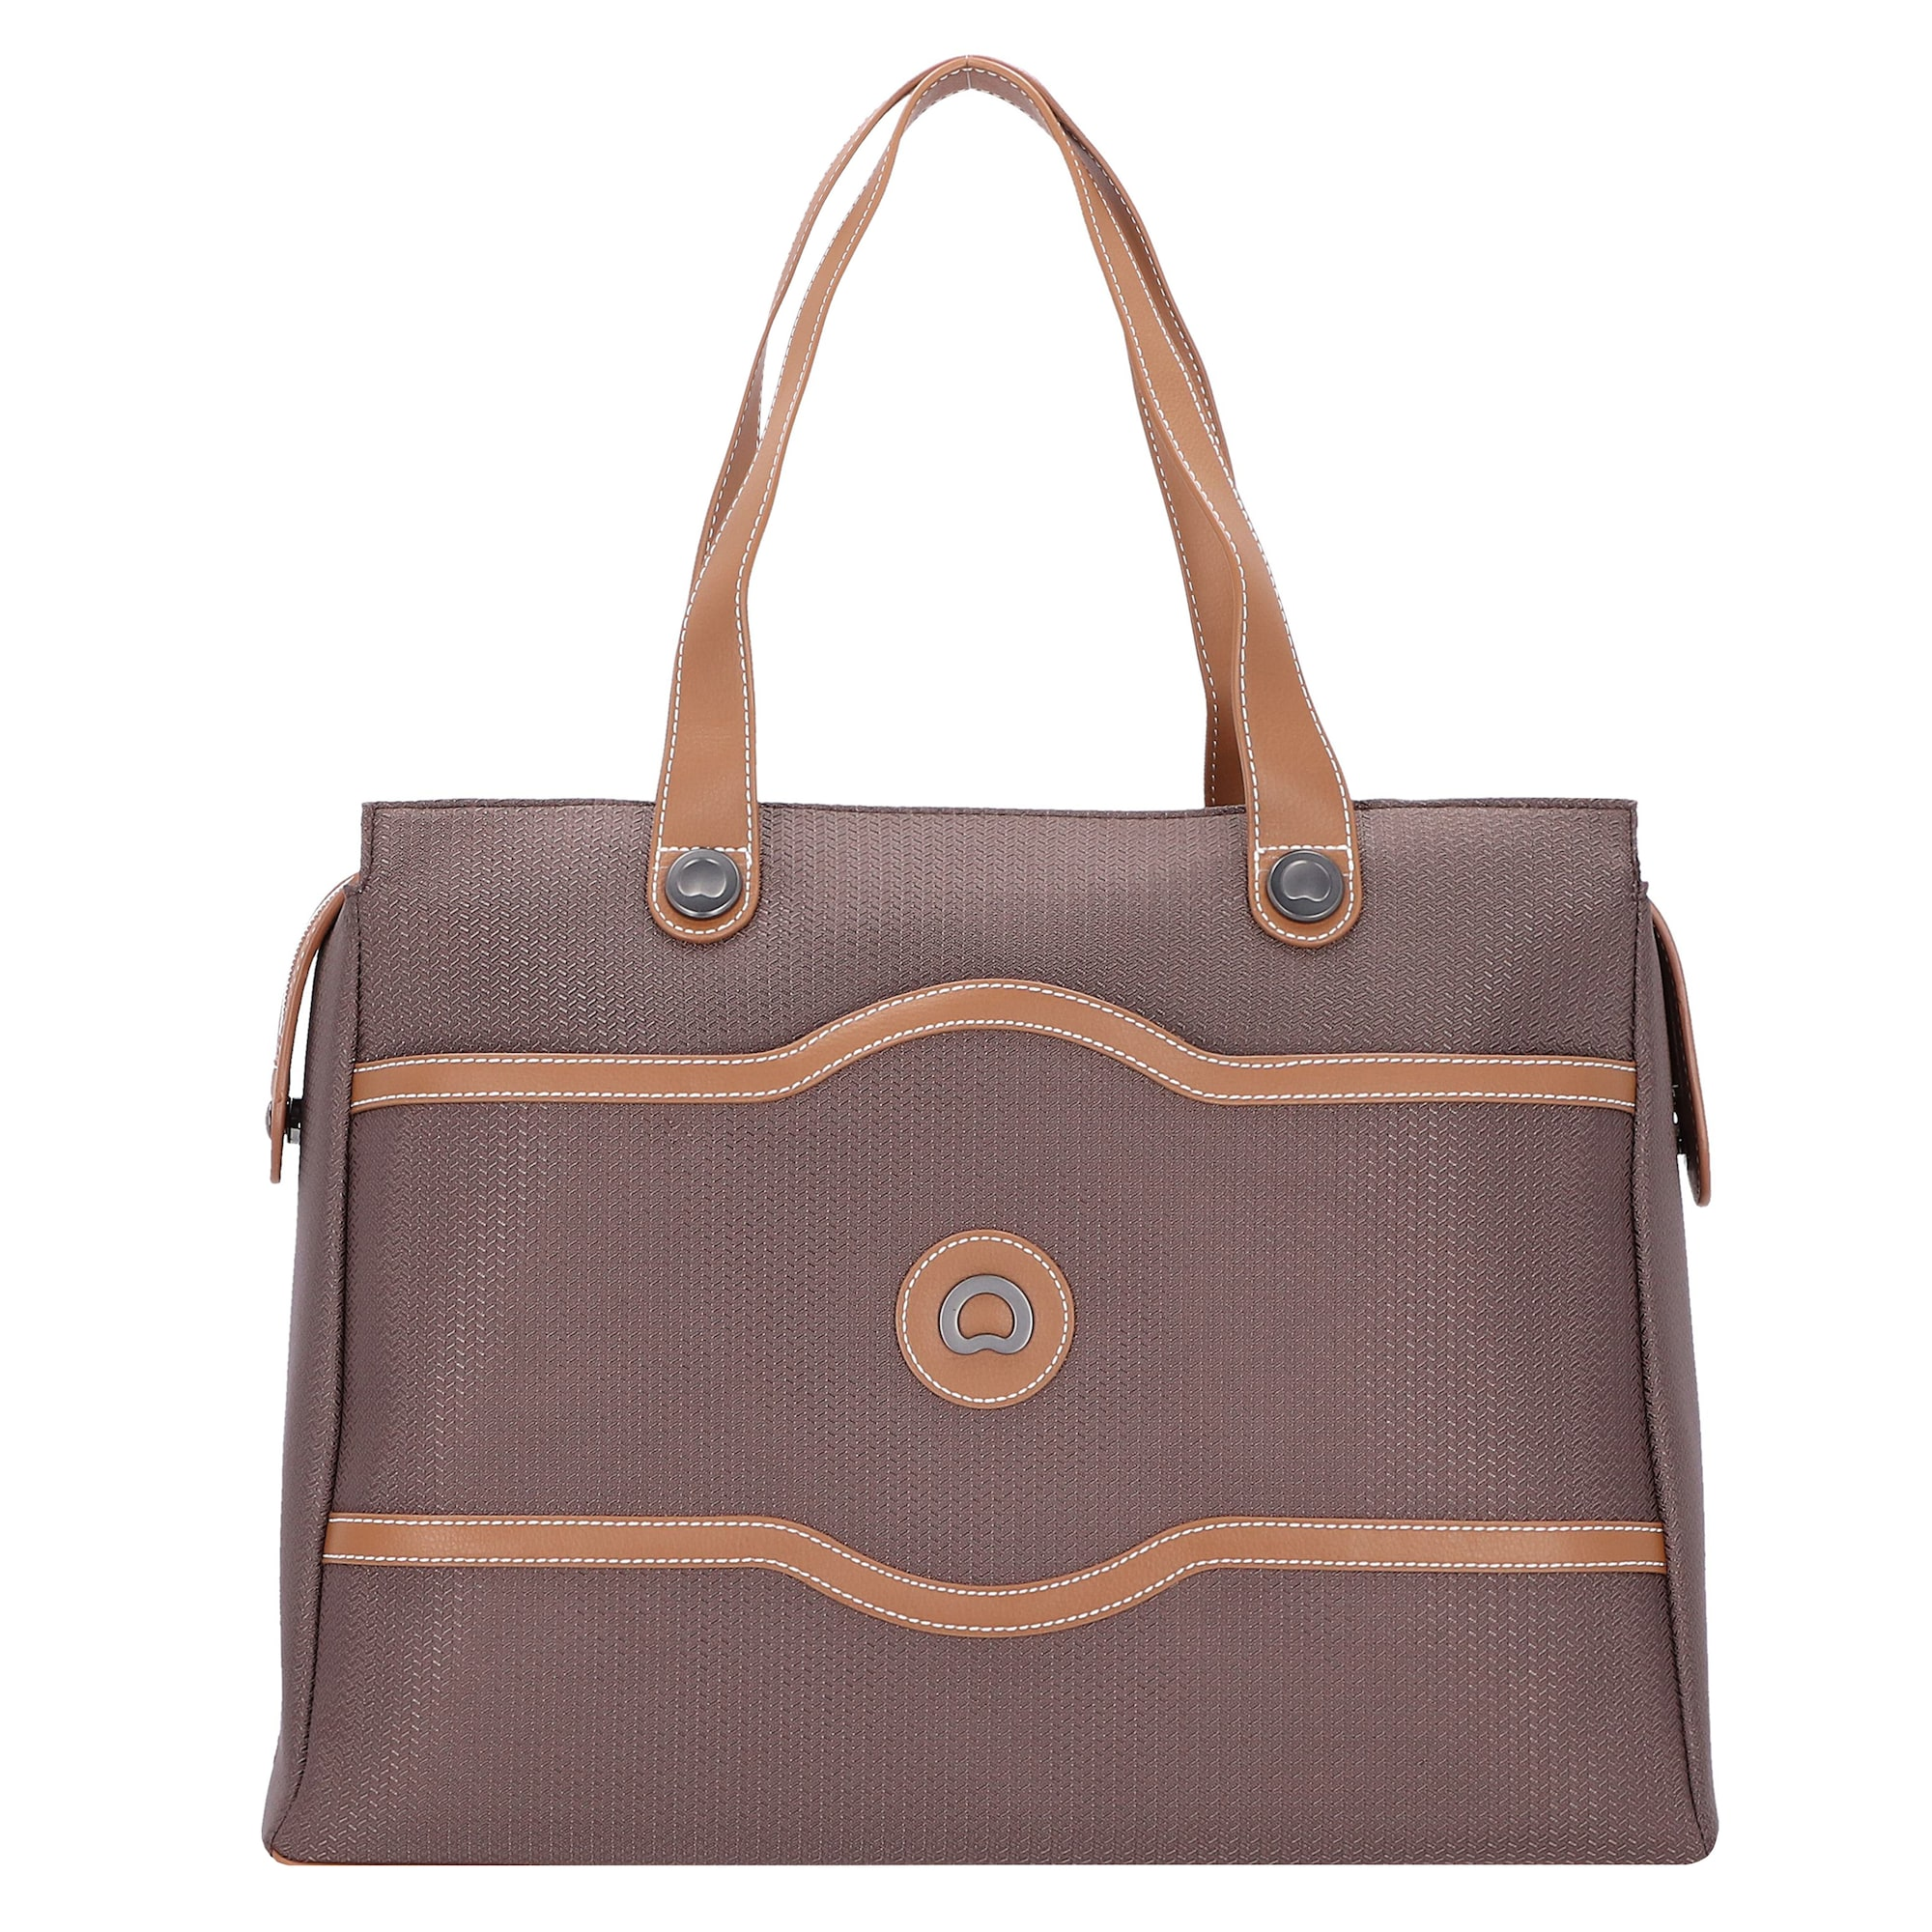 Schultertasche 'Chatelet Air Soft' | Taschen > Handtaschen > Schultertaschen | Delsey